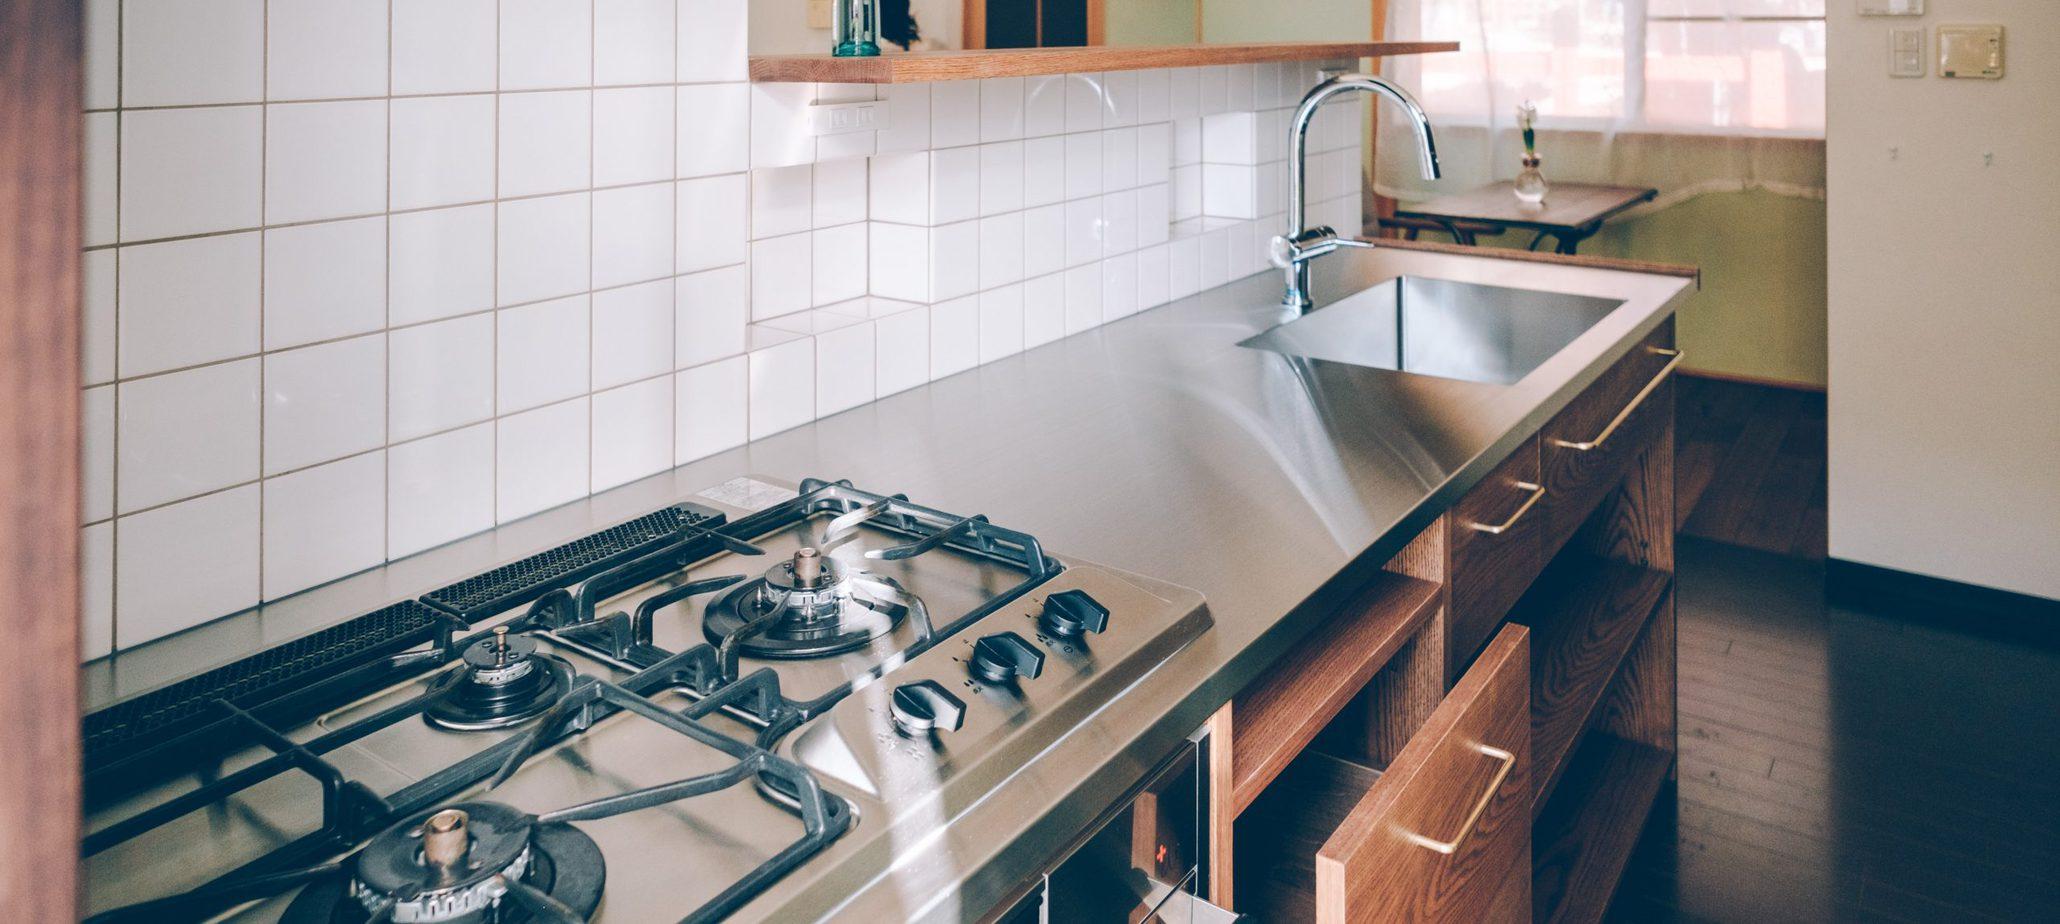 「料理下手な男、キッチンを改装する。〜後編〜」のアイキャッチ画像